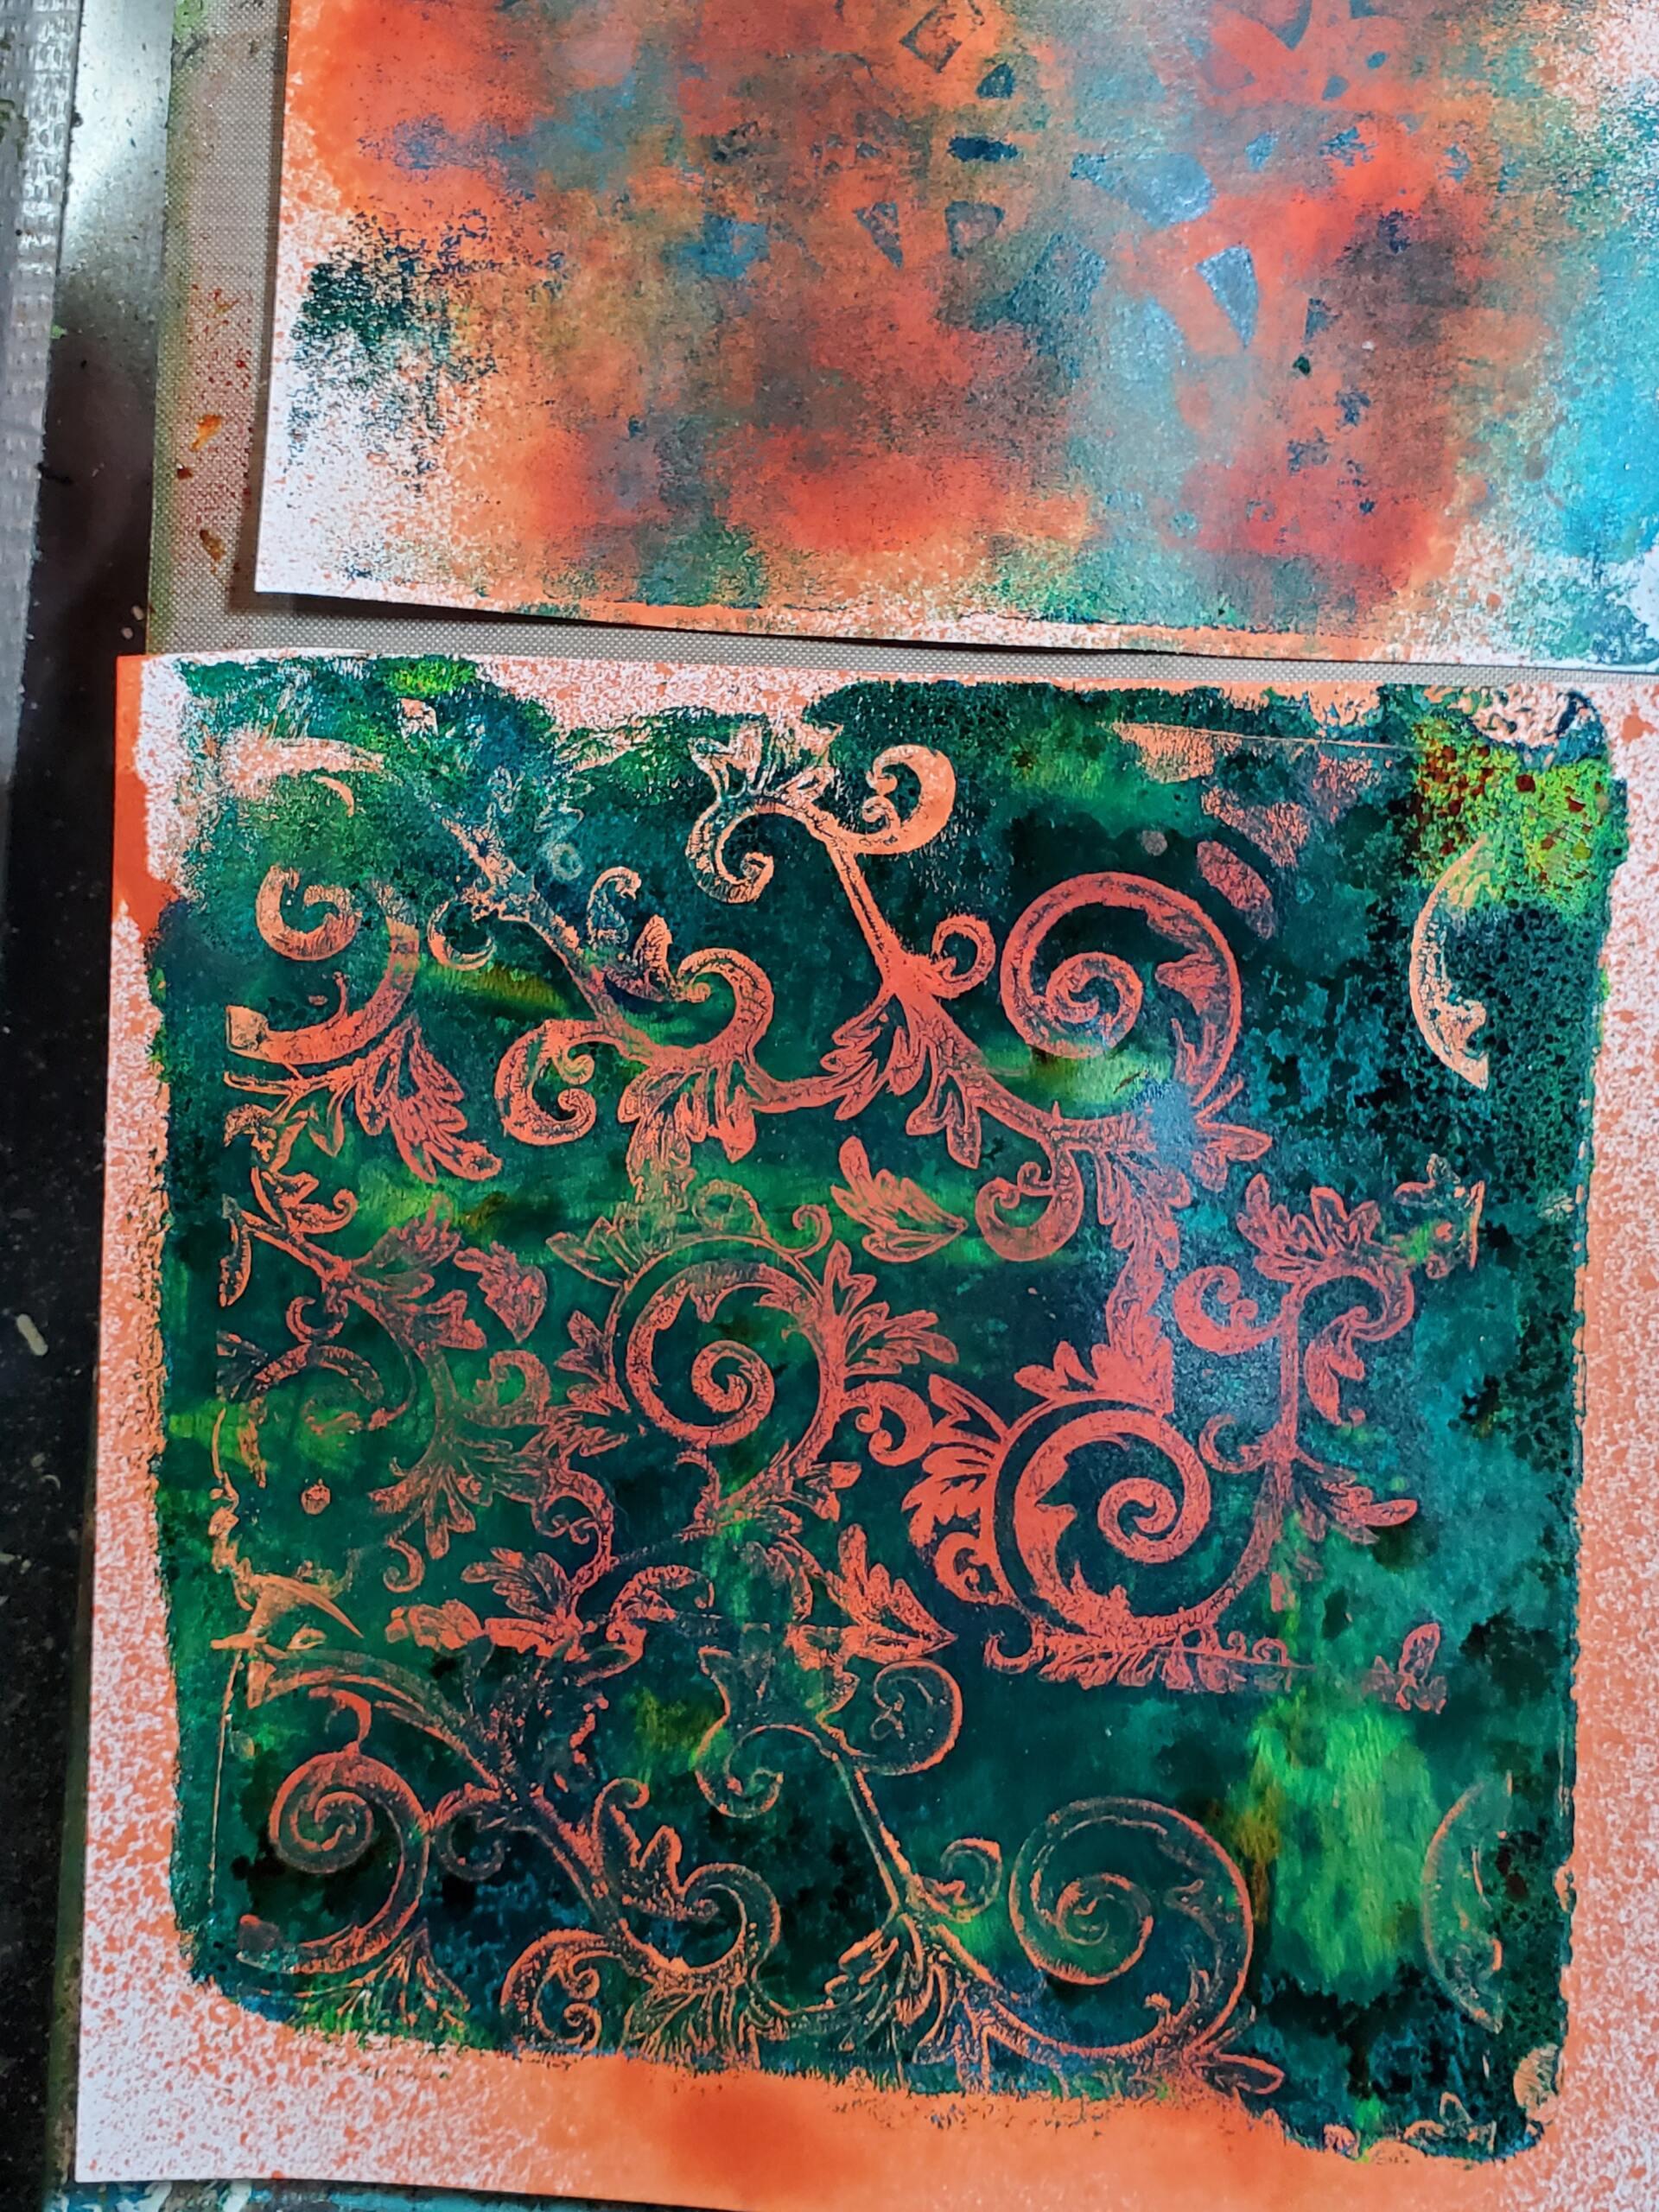 Gelli Art Print with Tim Holtz Spray Stain Resist Technique